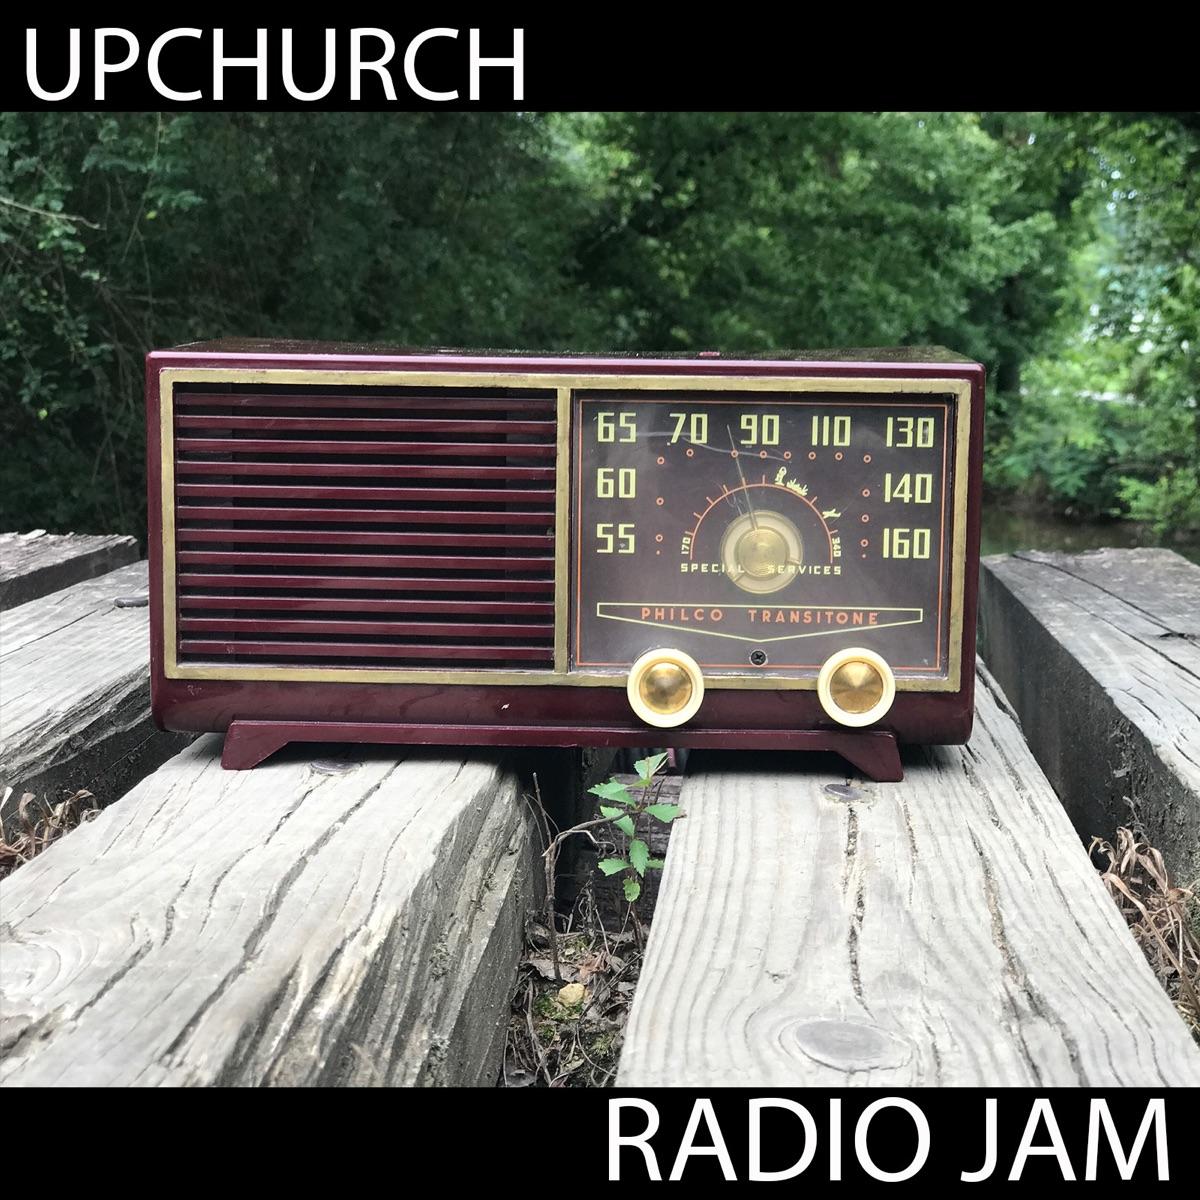 Radio Jam - Single Upchurch CD cover